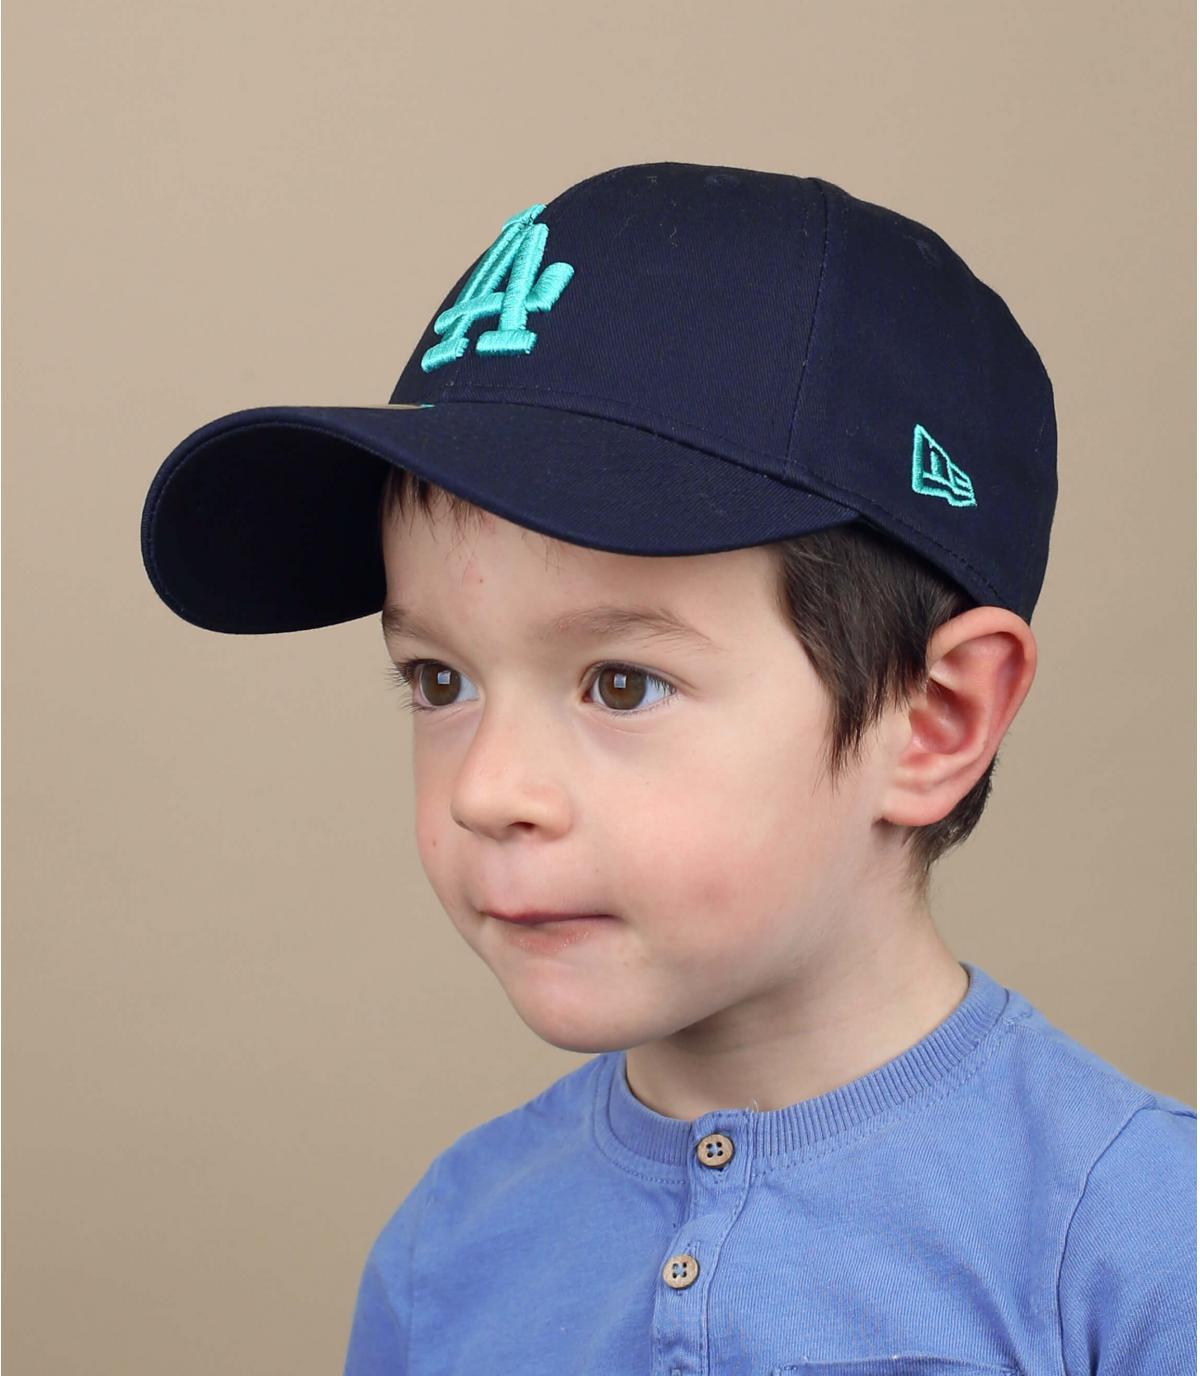 blue LA cap kid